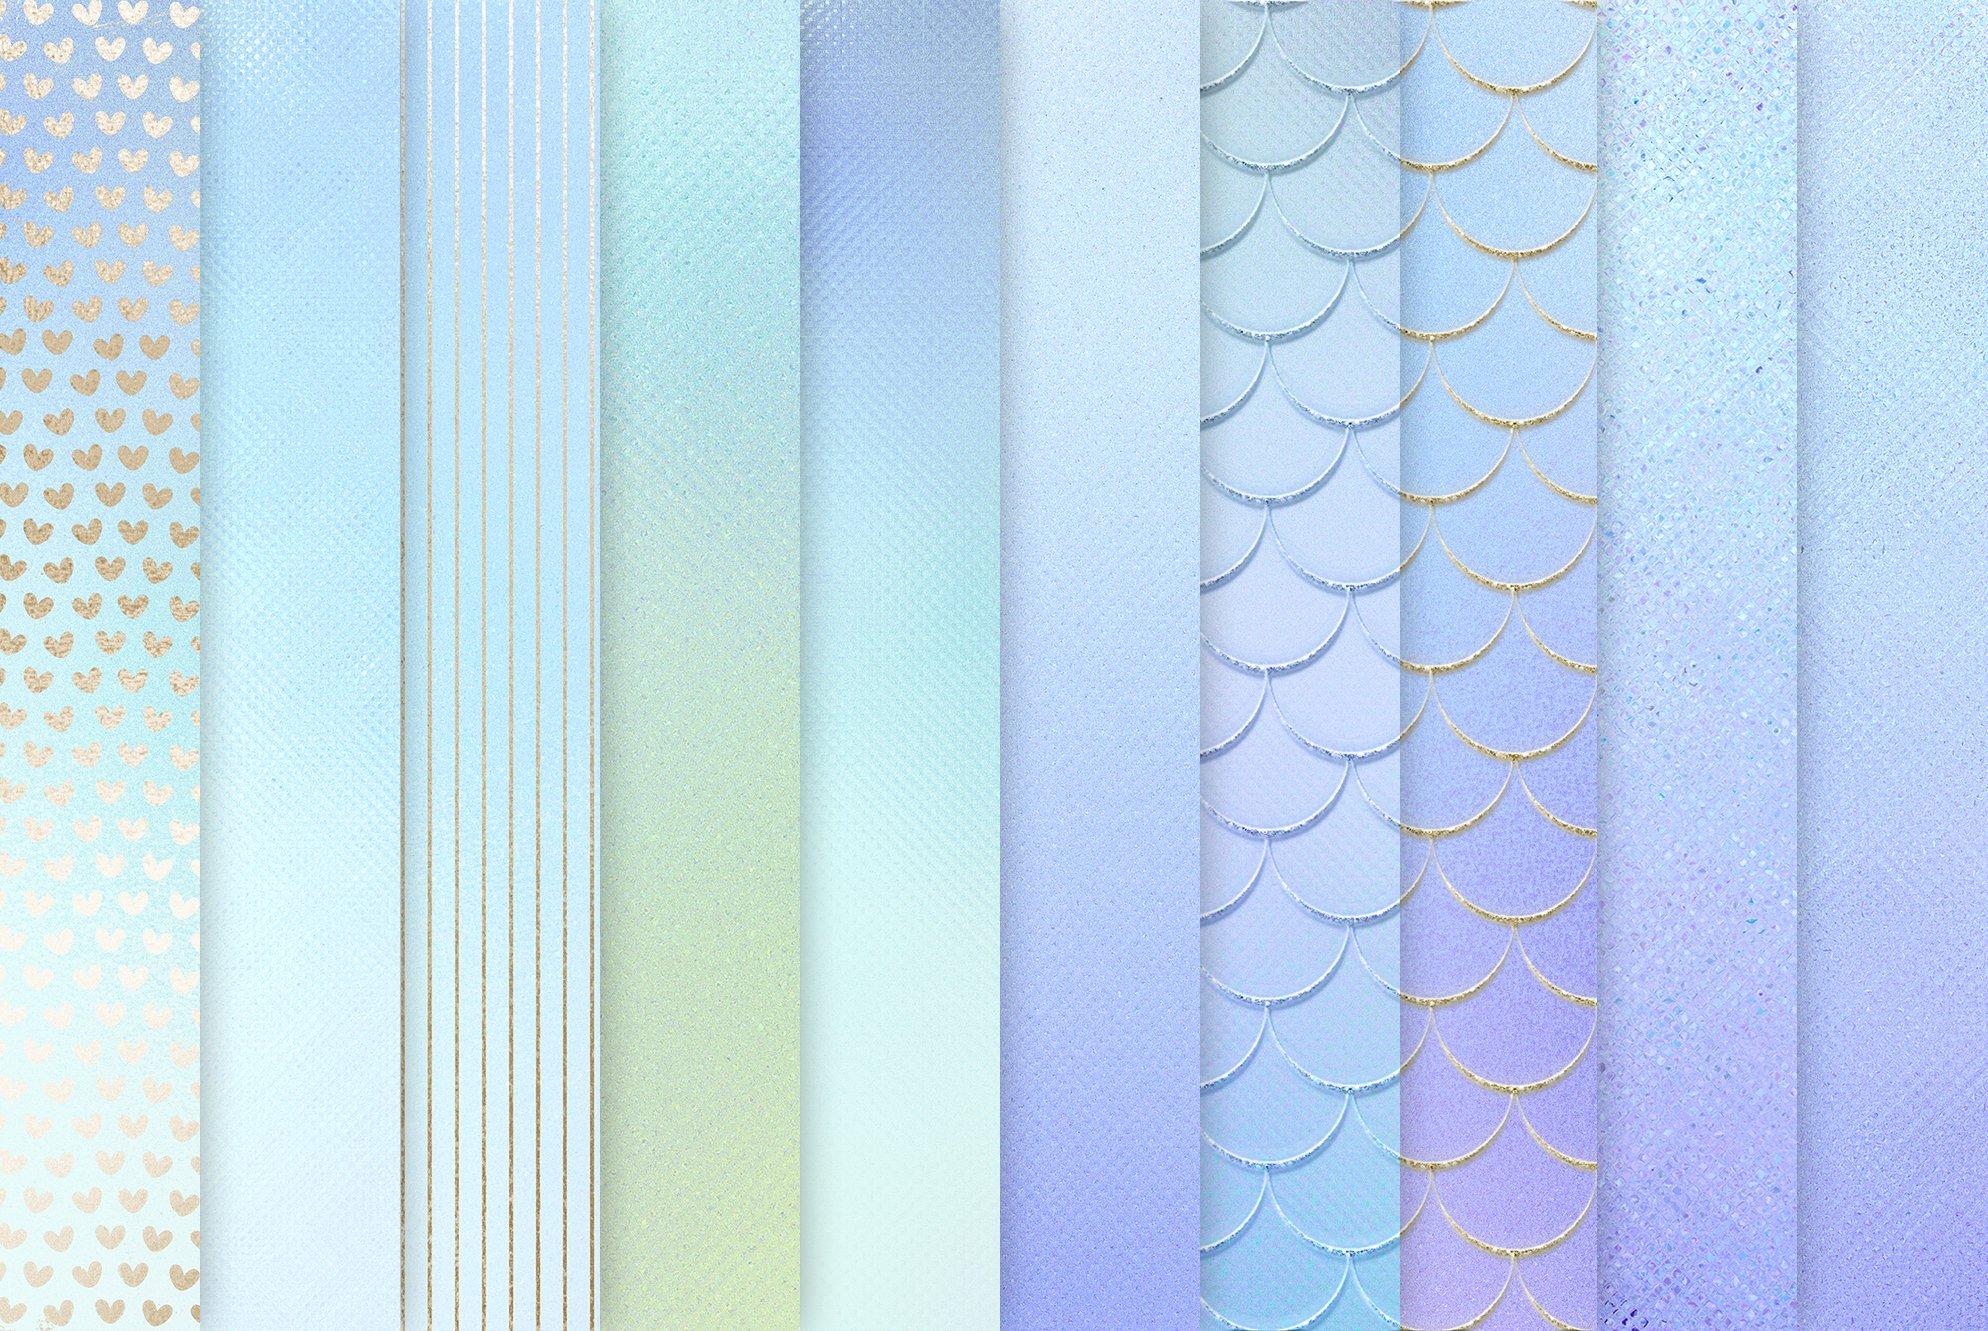 20款虹彩金色纹理海报设计背景图片素材 Iridescent Gold Textures插图2